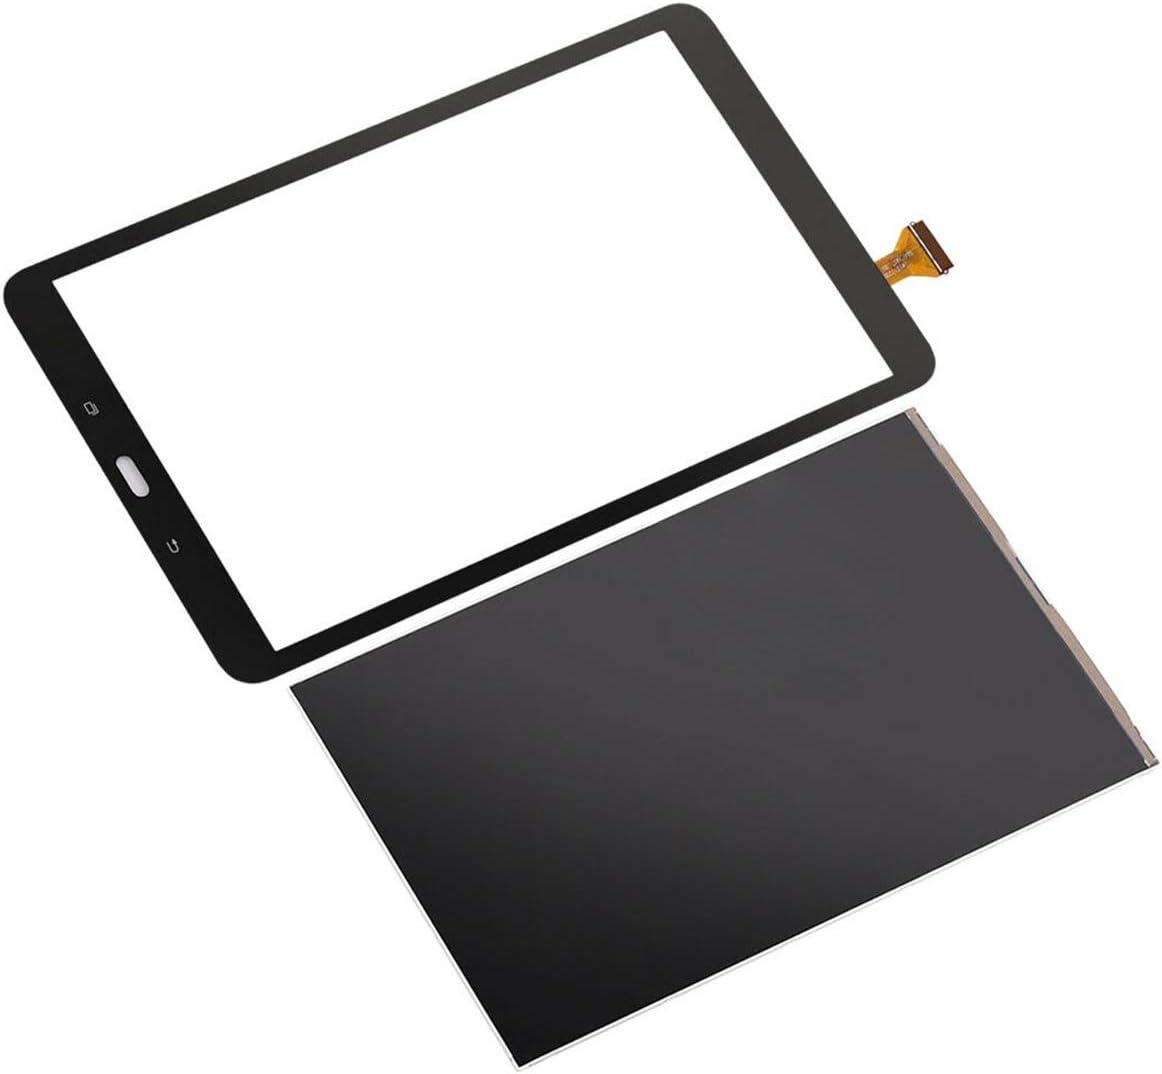 Pantalla tactil LCD - Galaxy Tab A 10.1 T580 T585 T587